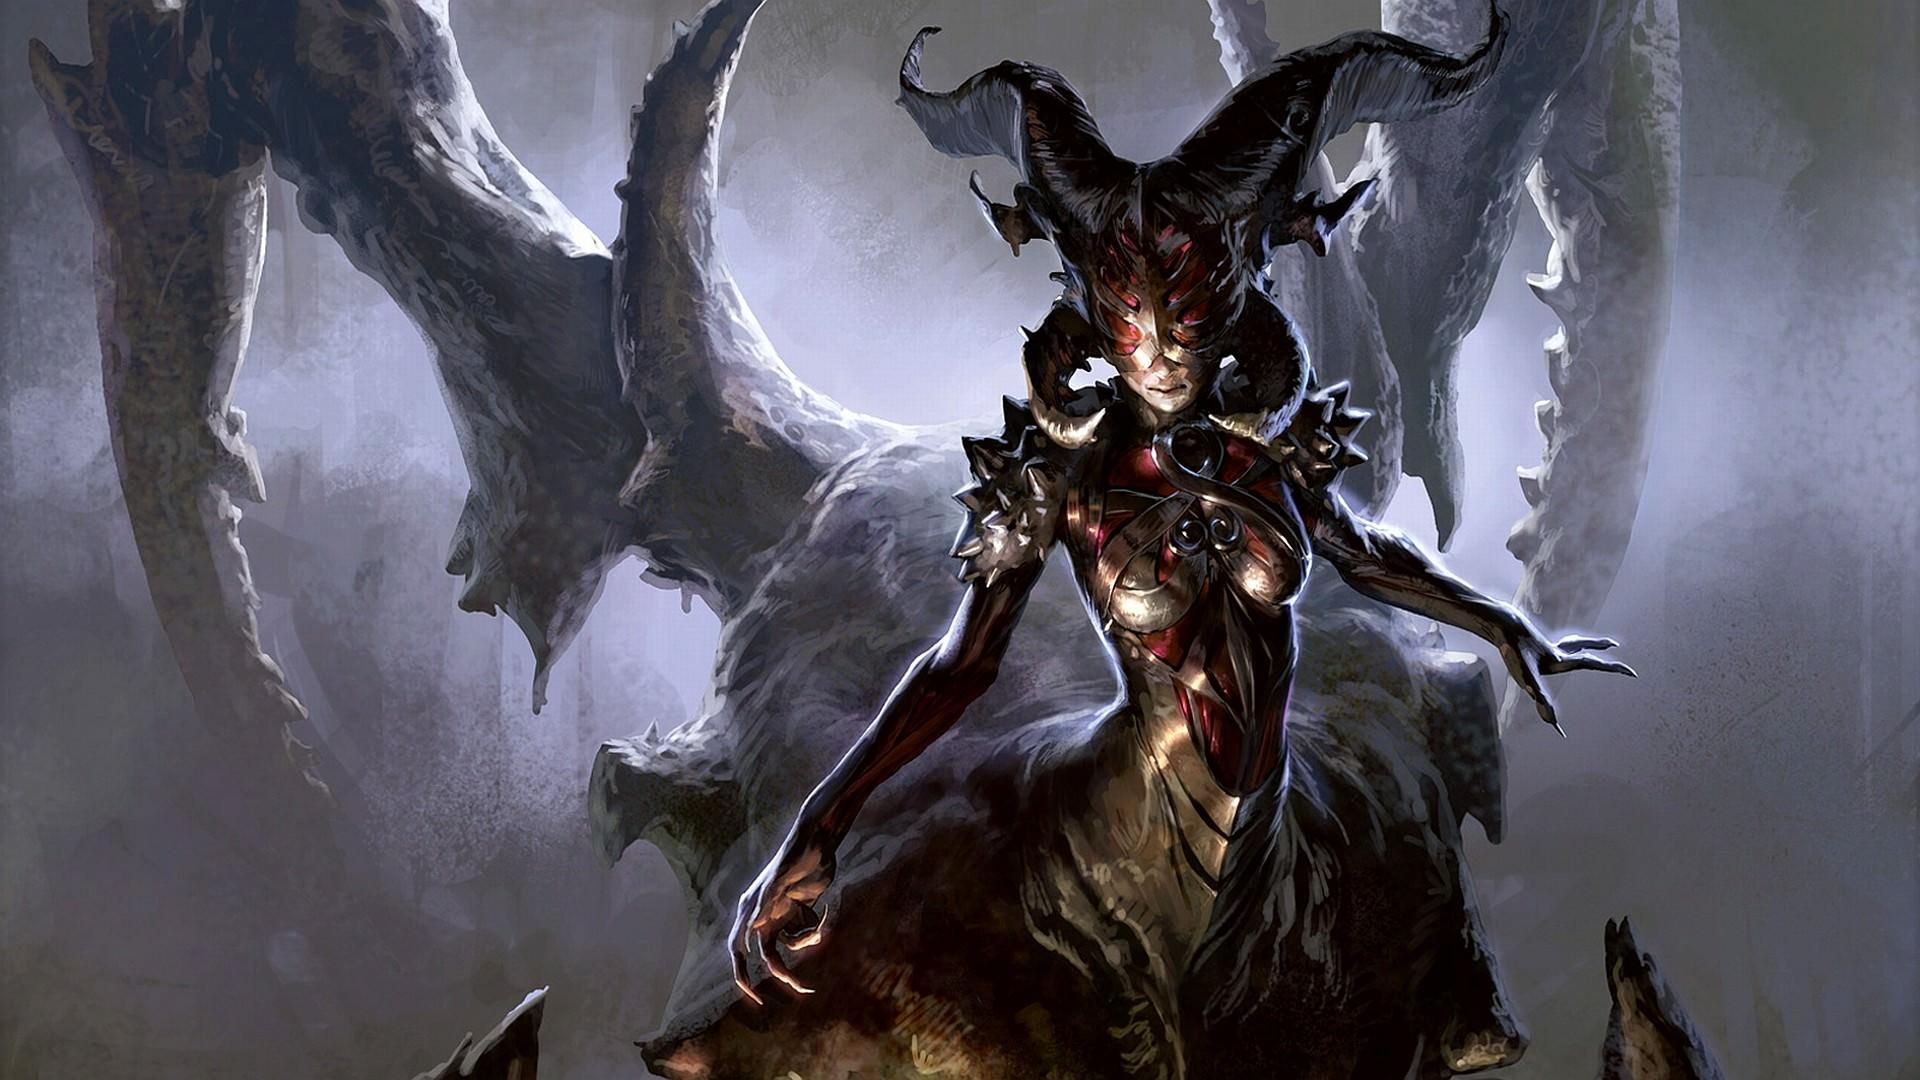 Demande d'ajout de monstres dans le bestiaire - Page 3 1466702635-1452202101133